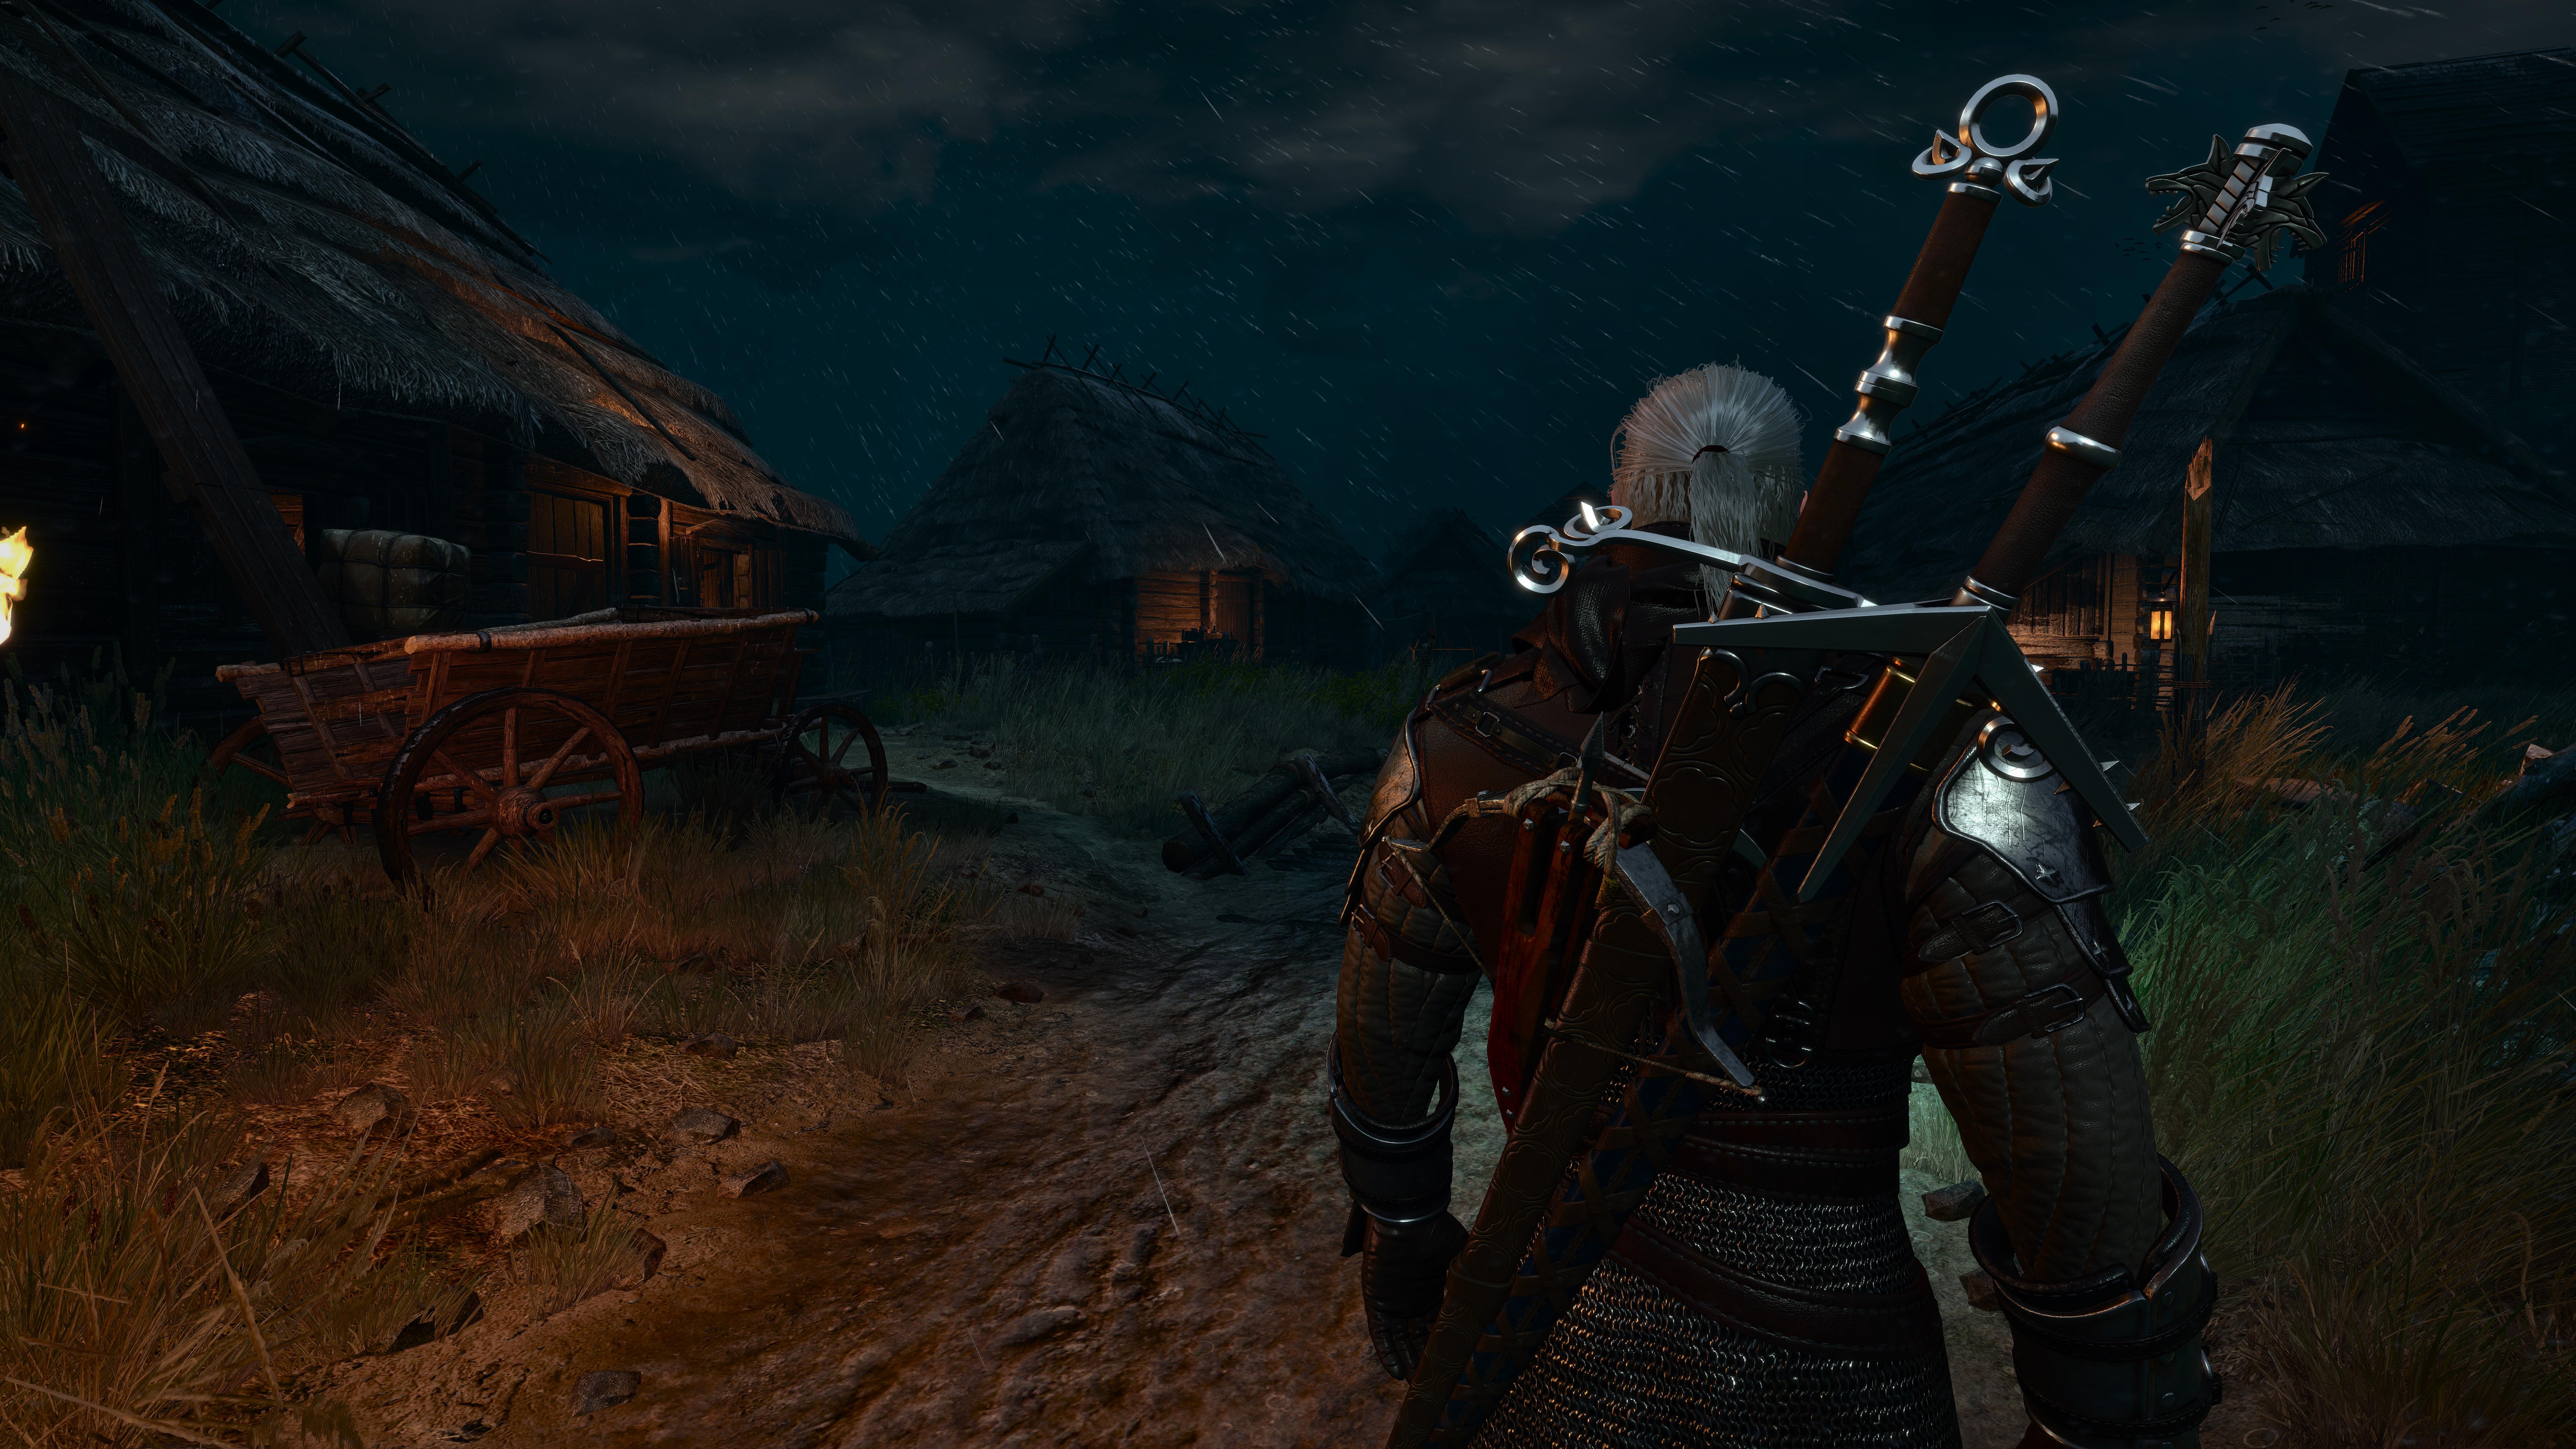 9600x5400、ウォリアーズ、魔法剣士ゲラルト、The Witcher 3: Wild Hunt、剣、の背面図、夜、村、��ンピュータゲーム、ゲーム、3Dグラフィックス、